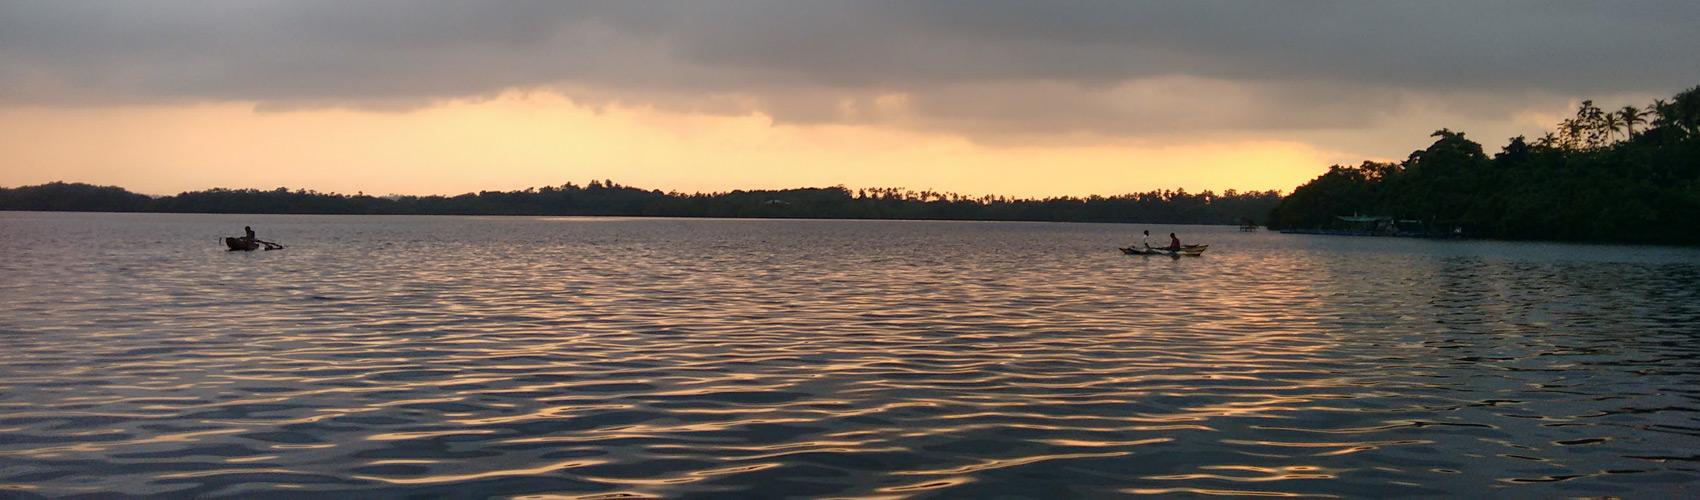 Madu River Cruise